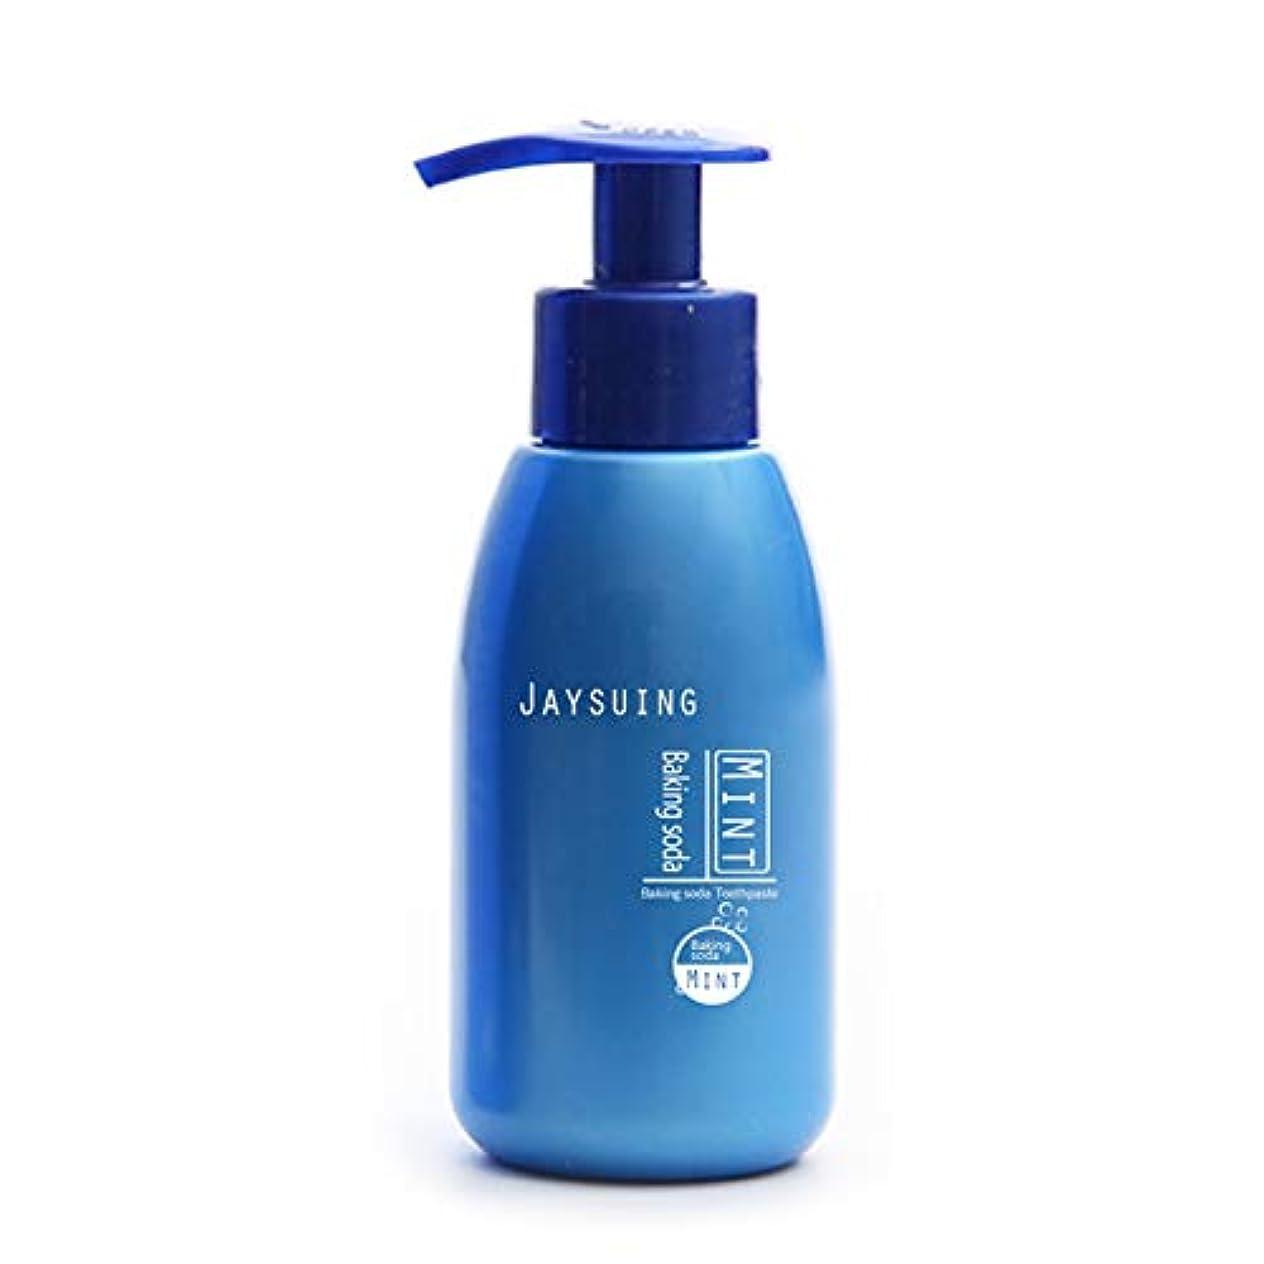 取るに足らない誘惑協同JanusSaja歯磨き粉アンチブリードガムプレスタイプ新鮮な歯磨き粉を白くする汚れ除去剤